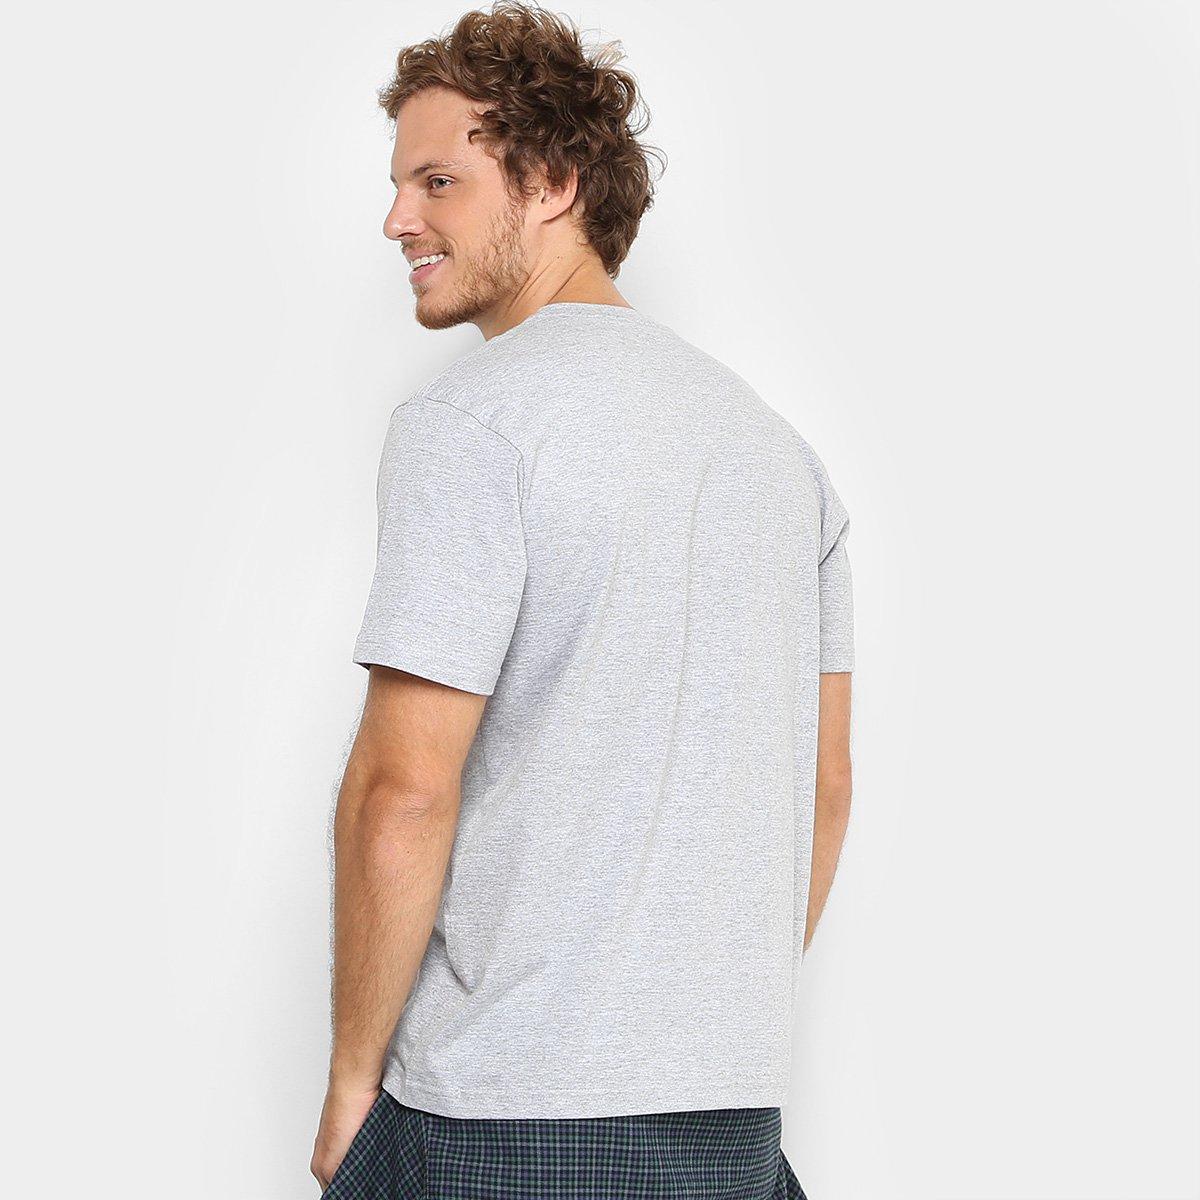 36f8b52d06 Camiseta Especial Rip Curl Reflecto Masculina